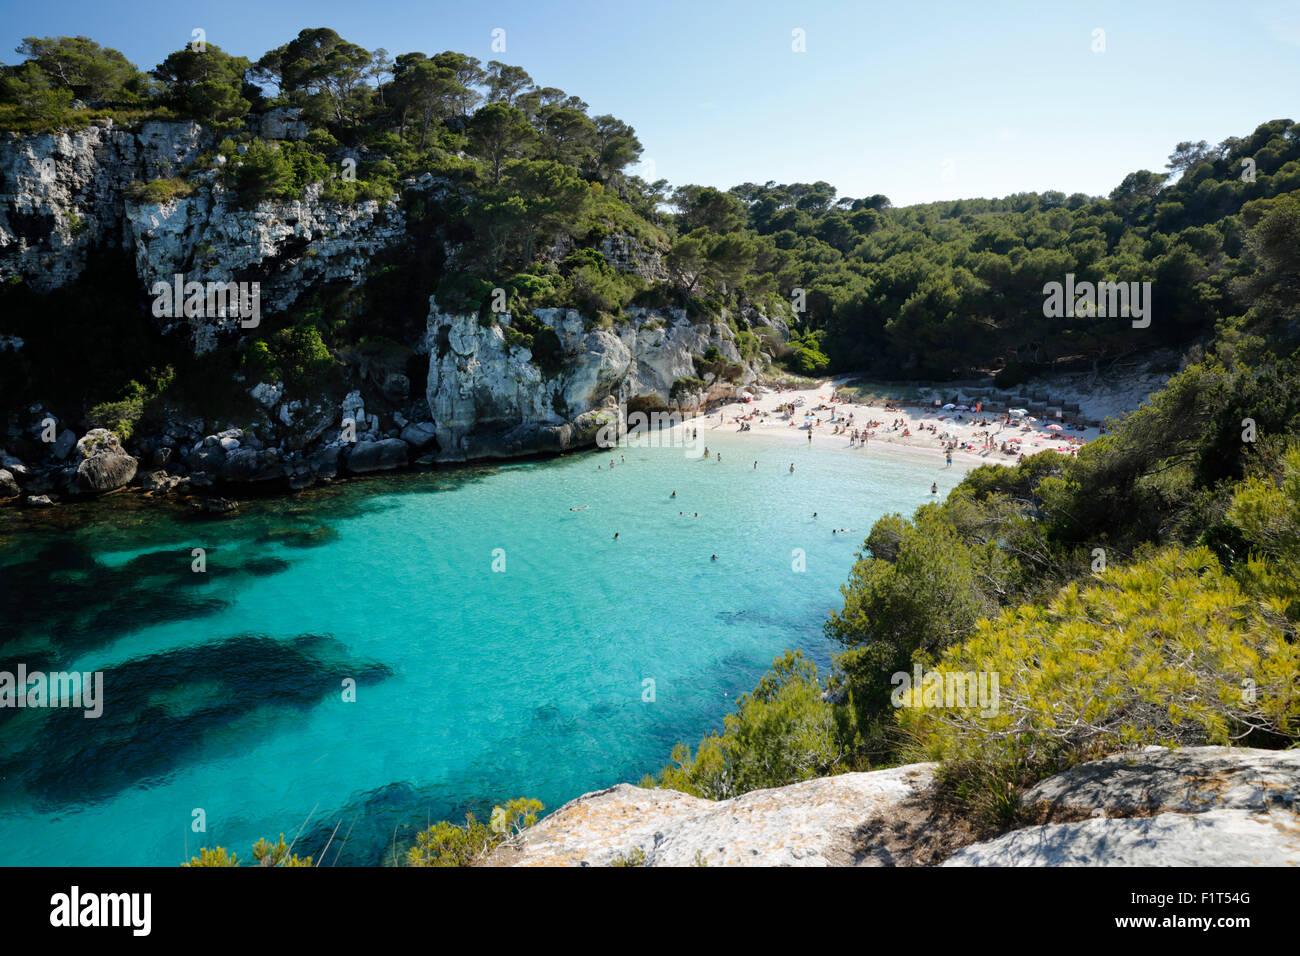 Cala Macarelleta, cerca de Cala Galdana, al sur de la costa oeste de Menorca, Islas Baleares, Mediterráneo, Imagen De Stock